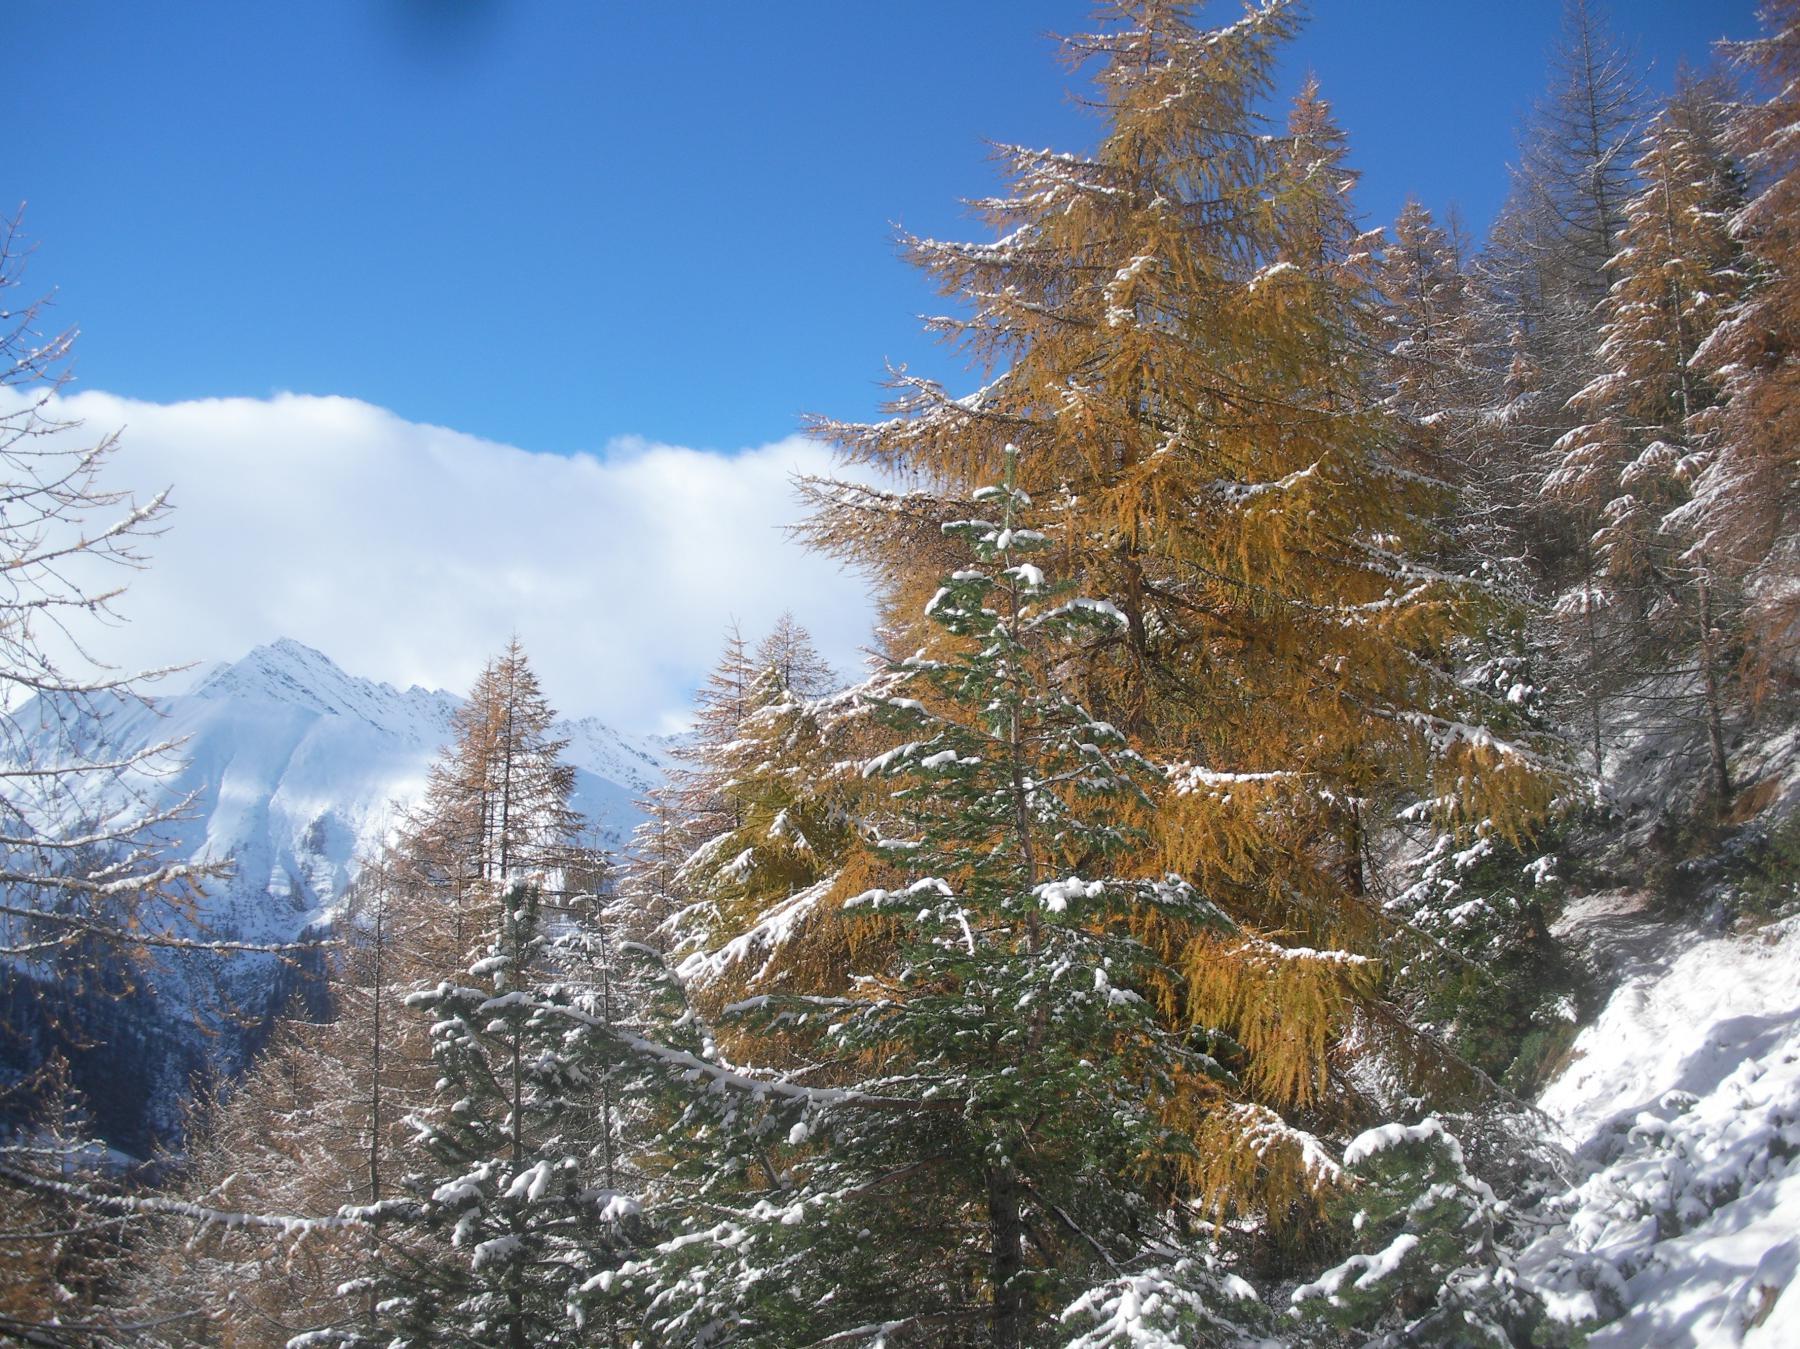 autunno e inverno in un connubio totale..